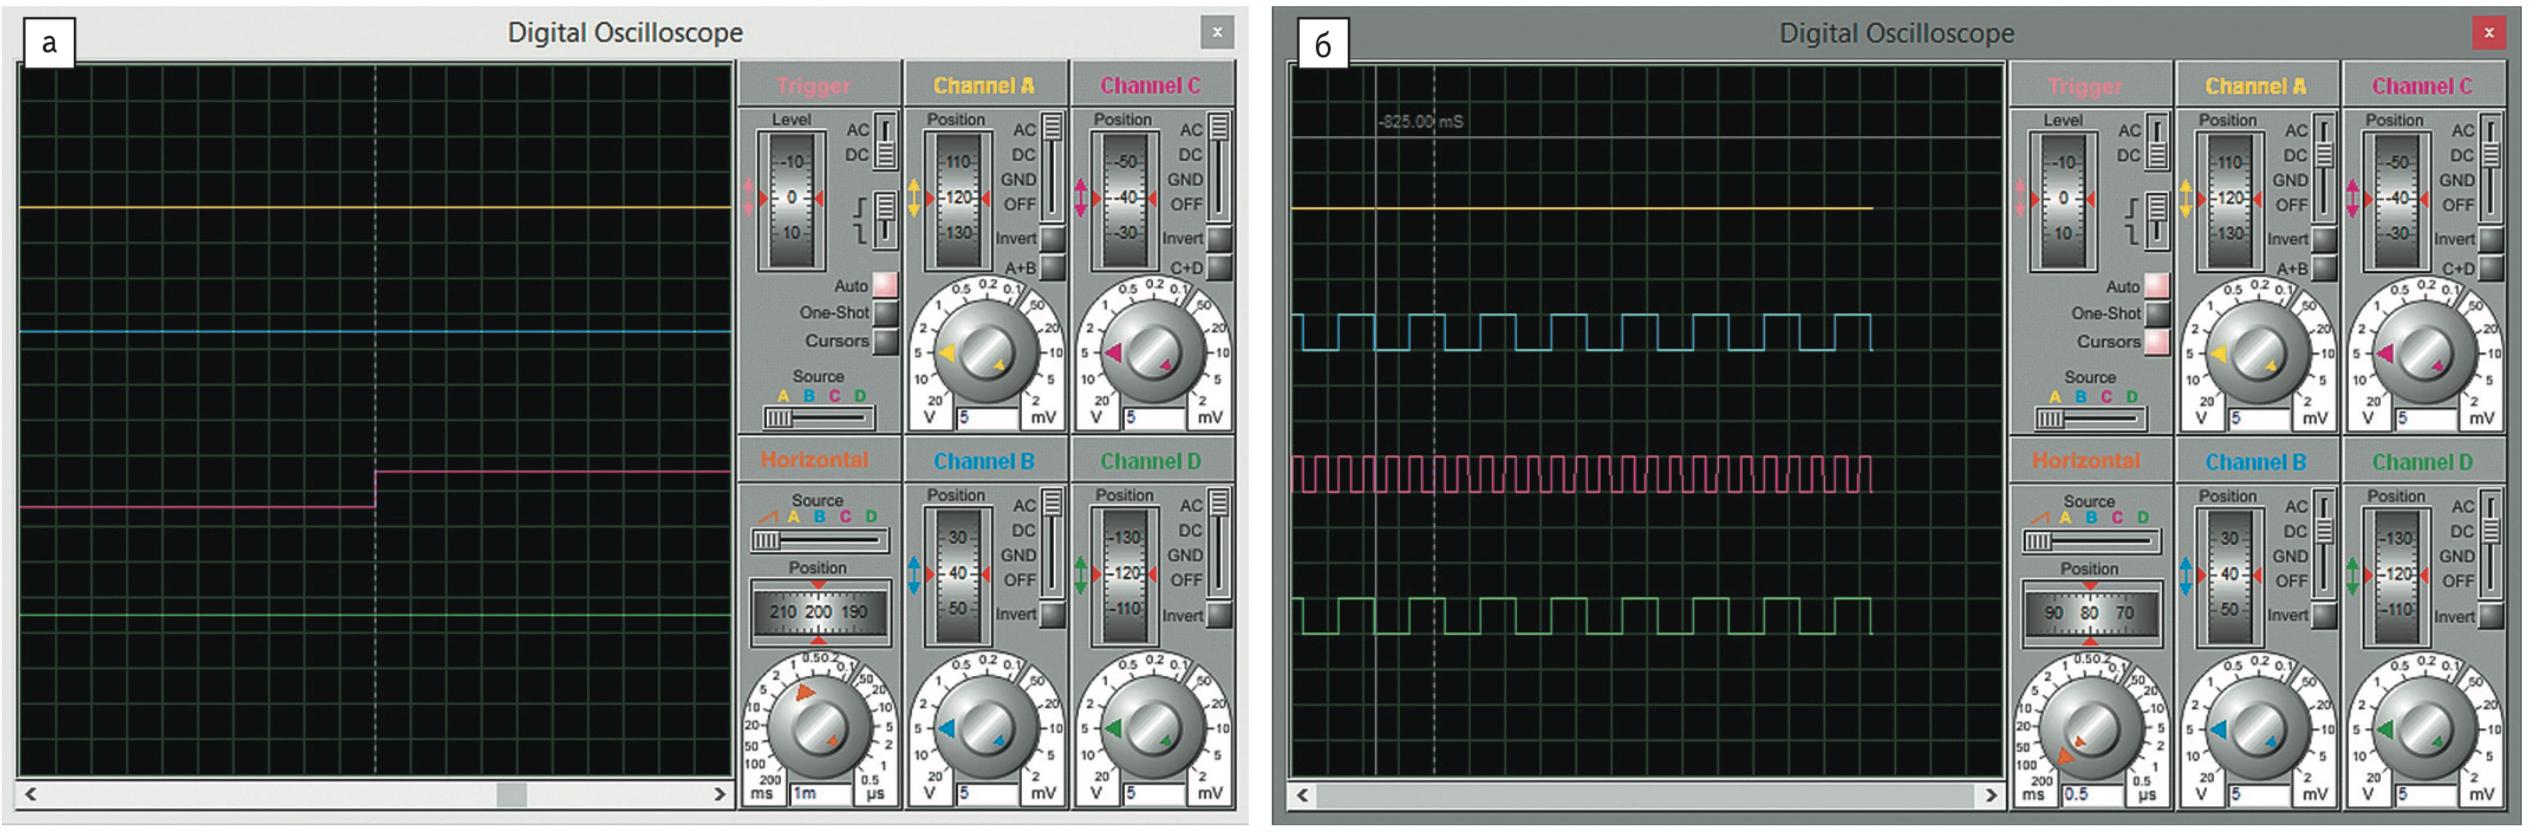 Лицевая панель четырехканального осциллографа: до выполнения настройки отображения сигналов и после